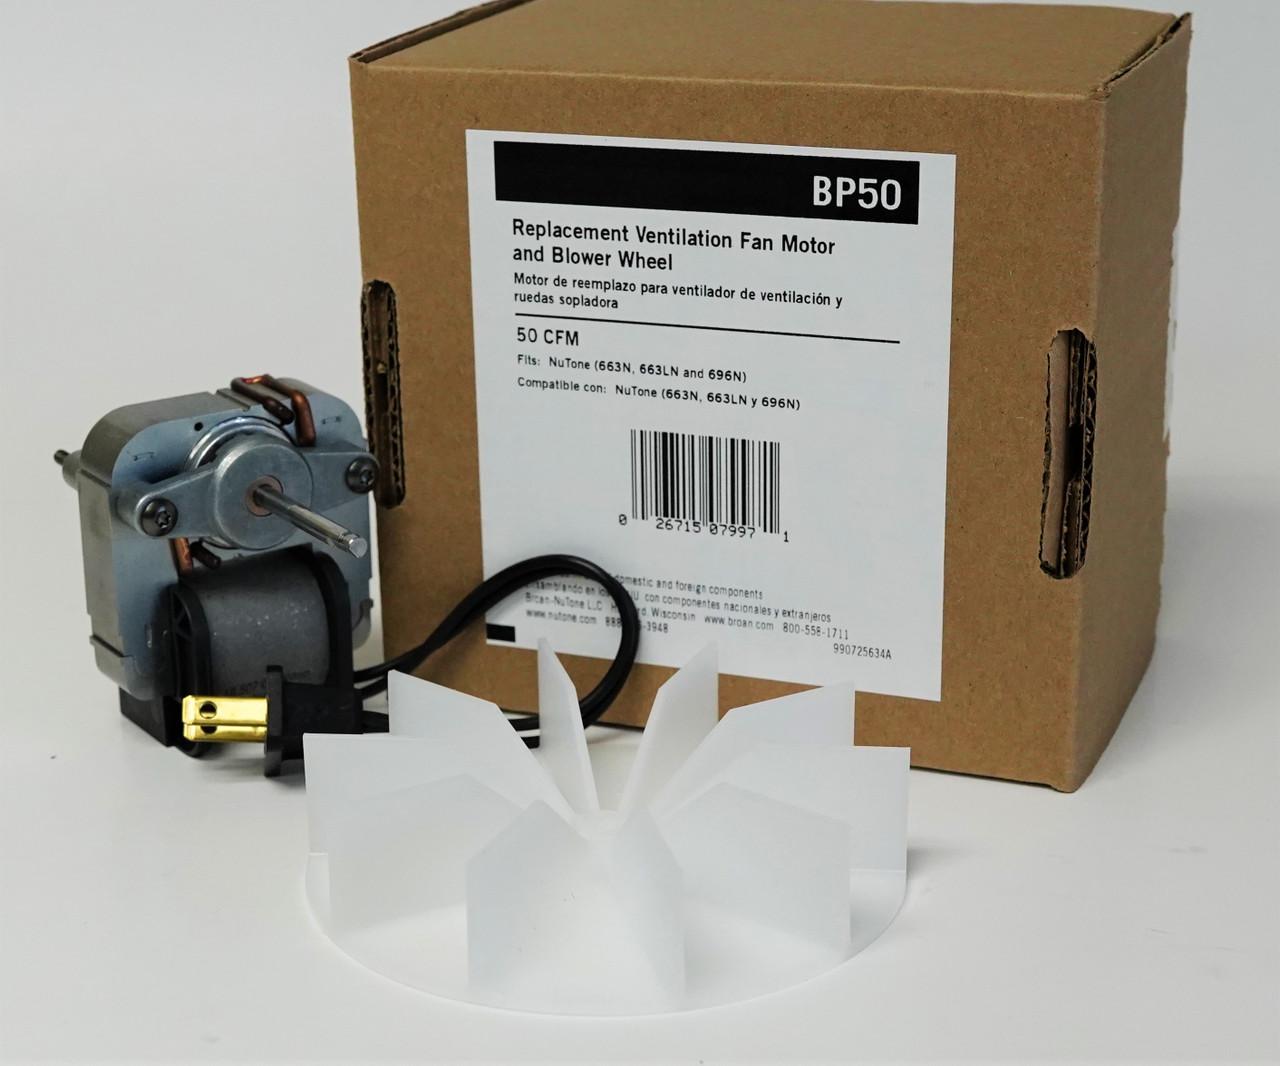 bp50 oem broan nutone vent bath fan motor for model 663n 663ln 696n 99080216 57n2